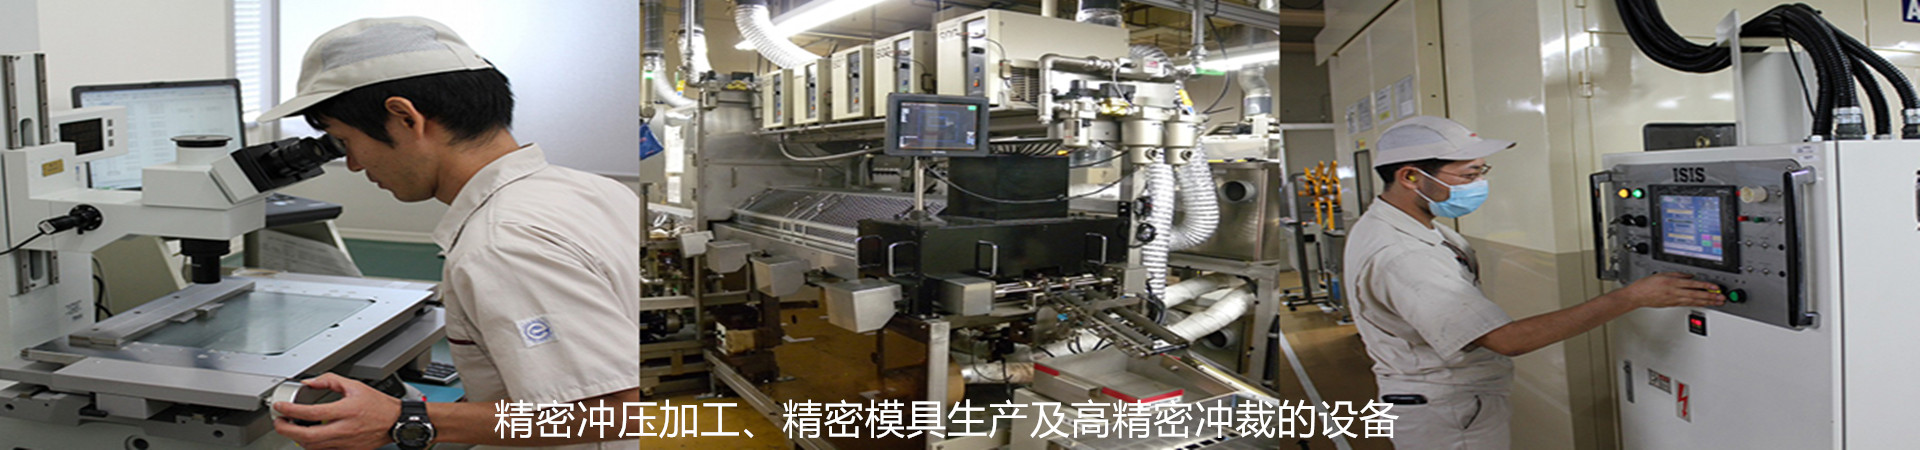 精密冲压加工,精密模具设计生产及拥有高精密冲裁设备